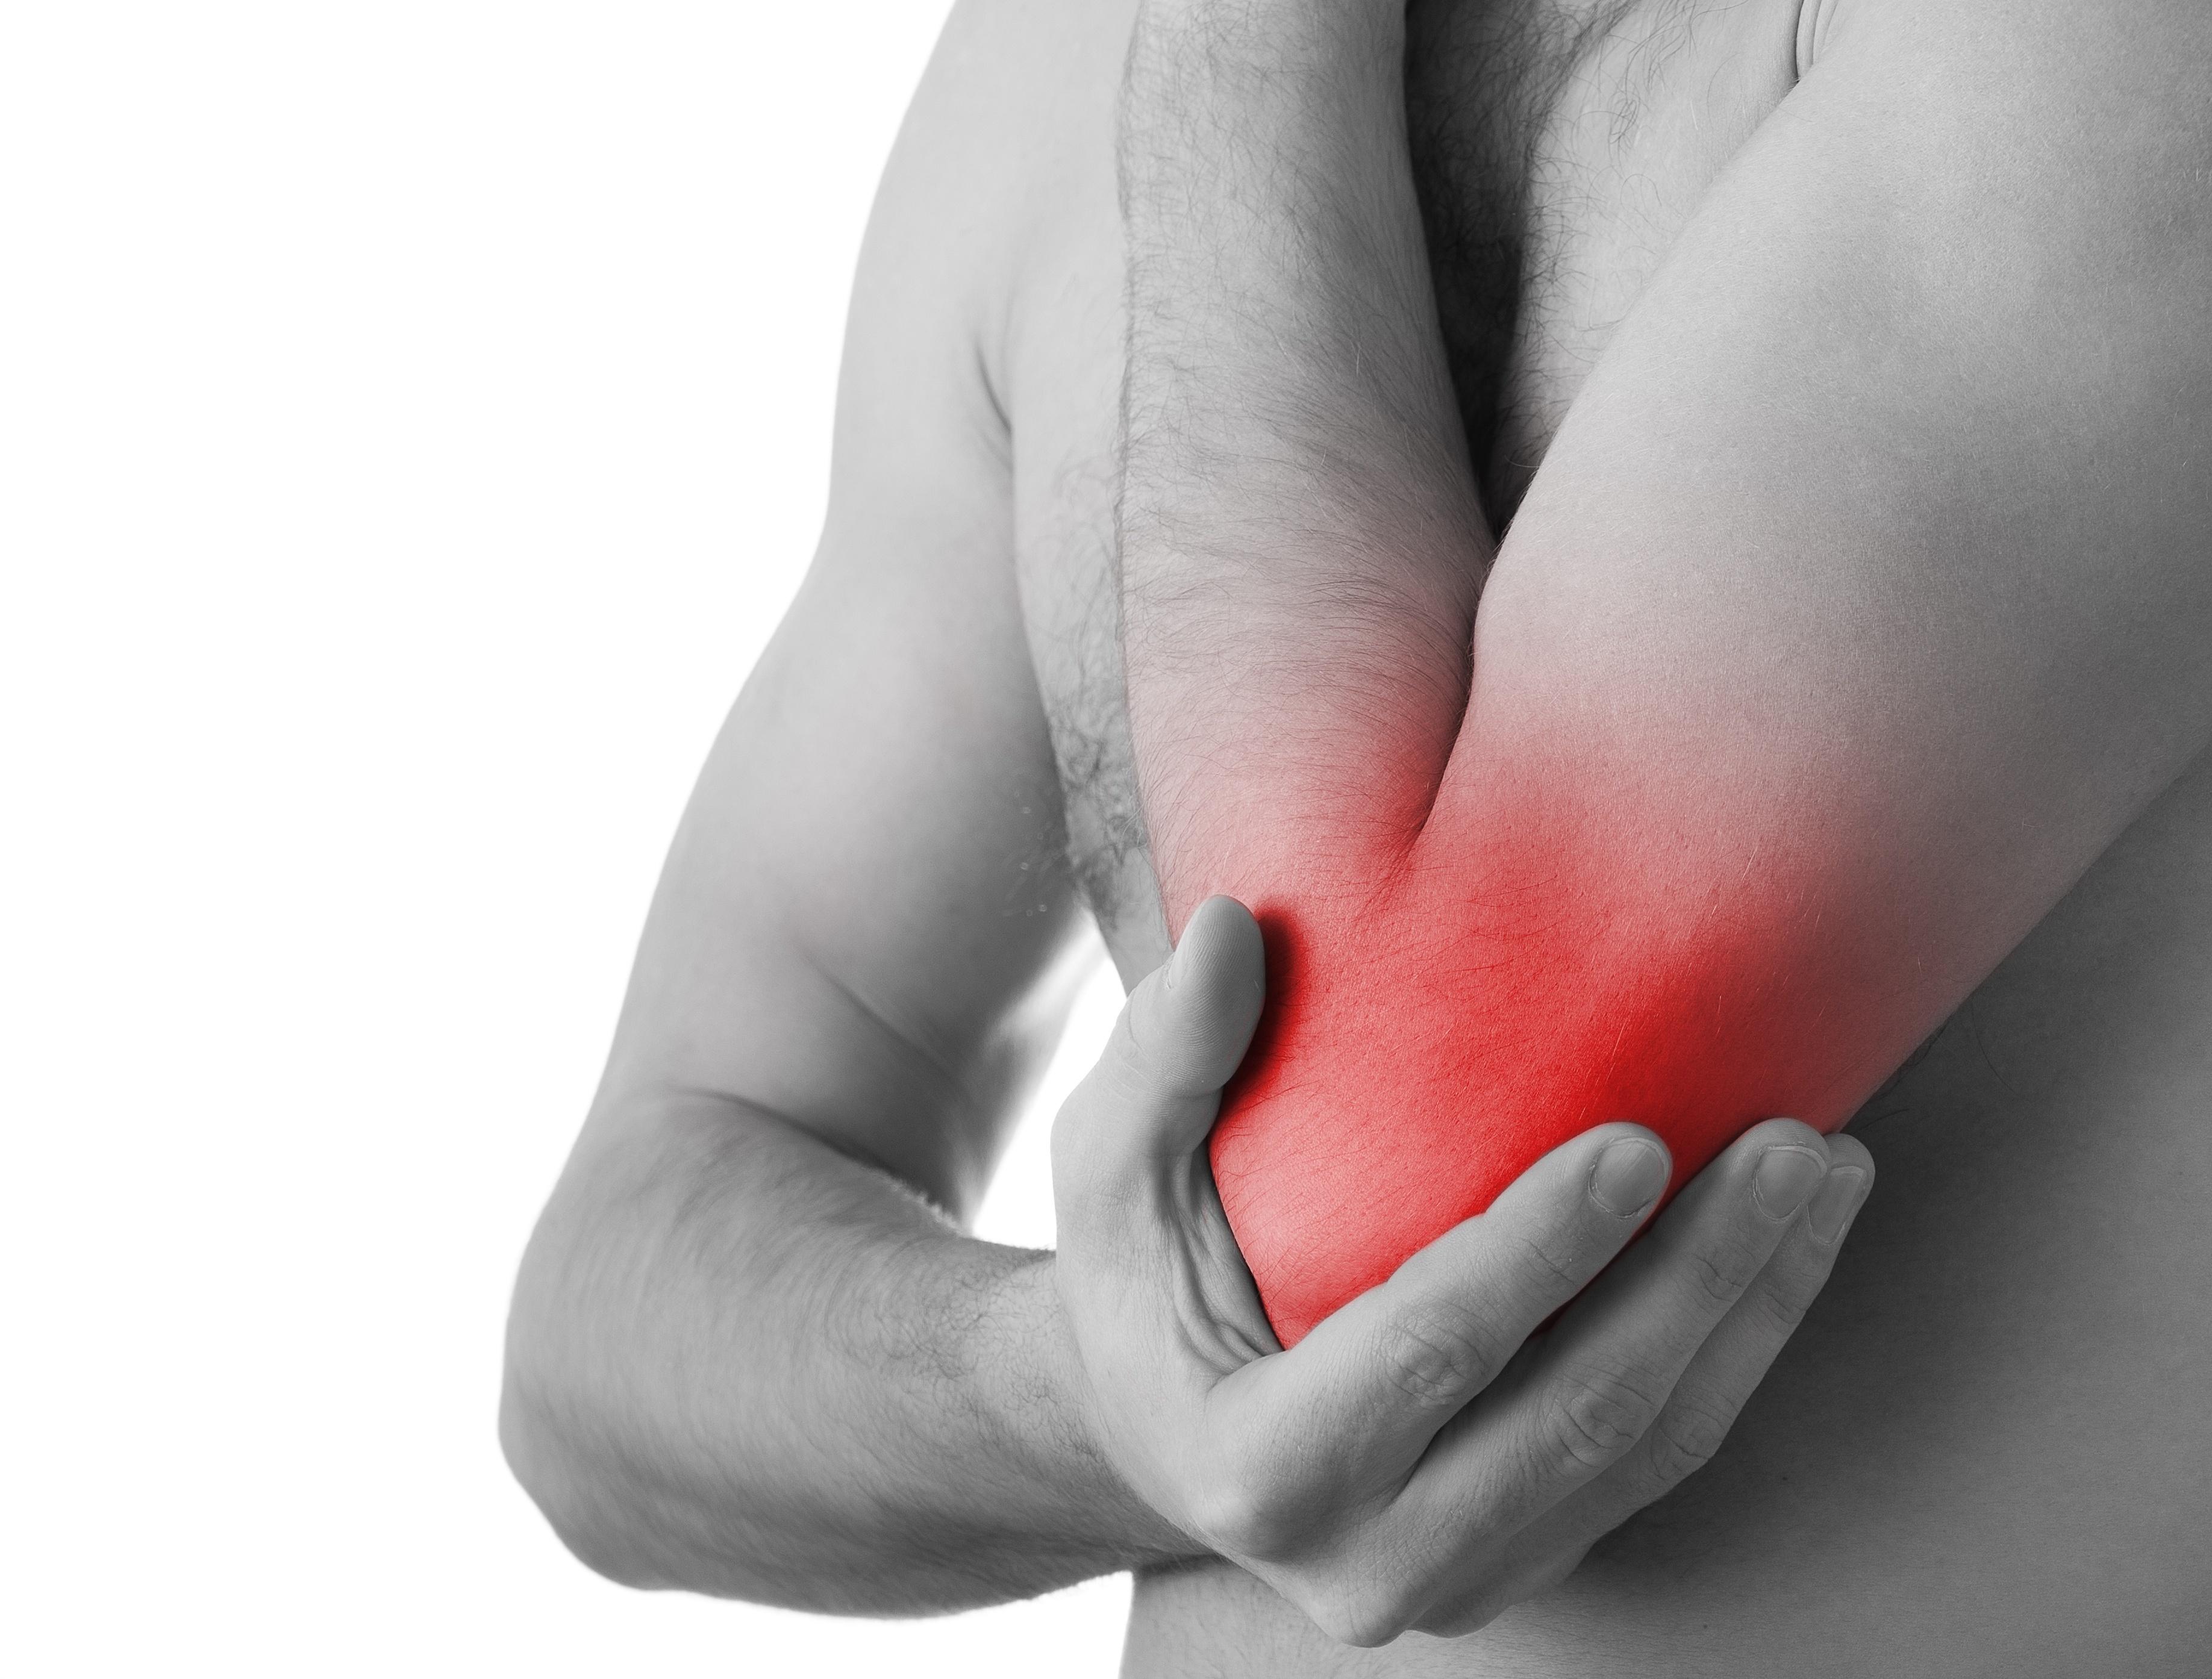 miért veszélyes az artrózis kezelése boka fájdalom ödéma